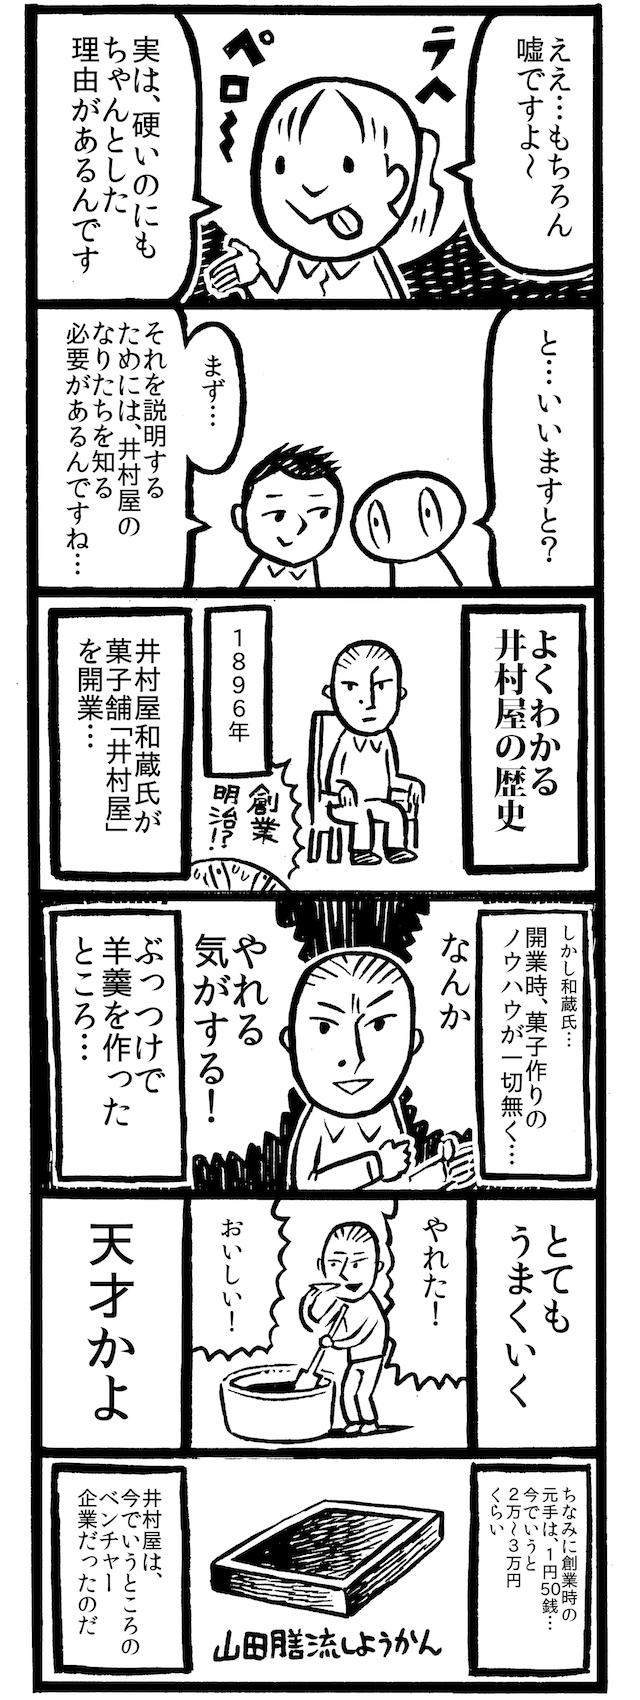 f:id:kakijiro:20160909112933j:plain